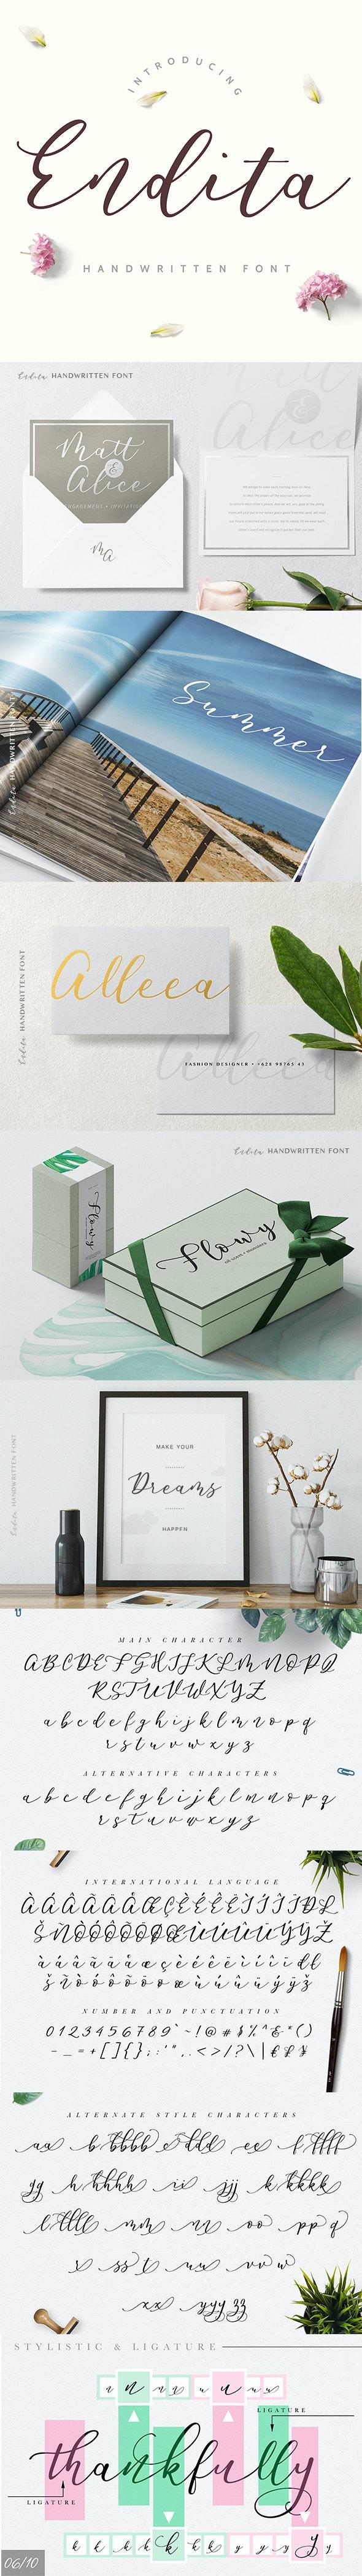 Endita - Handwritten Font - Hand-writing Script